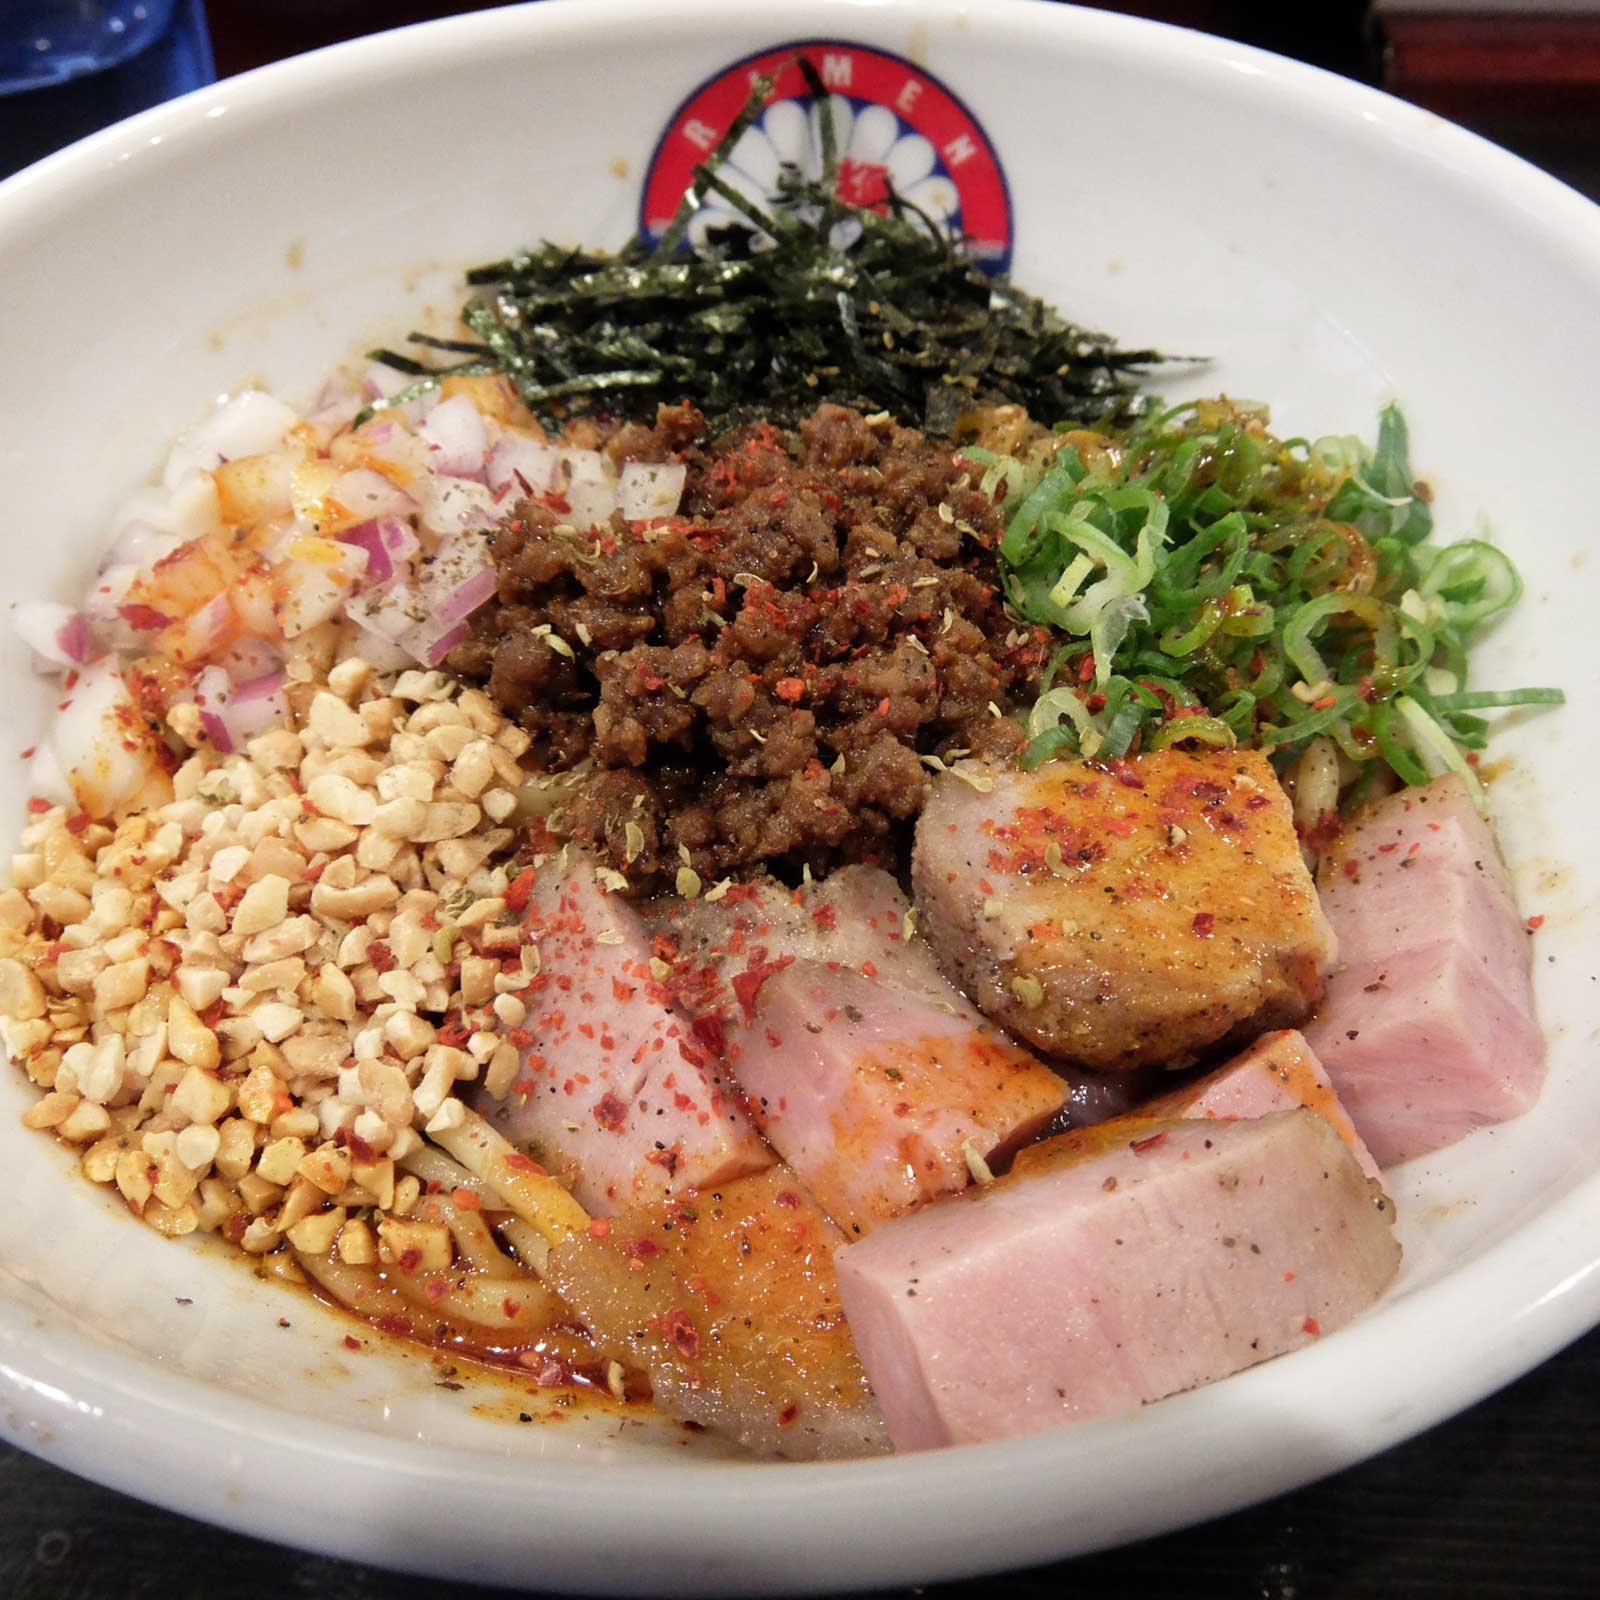 らぁ麺 きくはん シビカラまぜそば in 大阪 梅田 中崎町